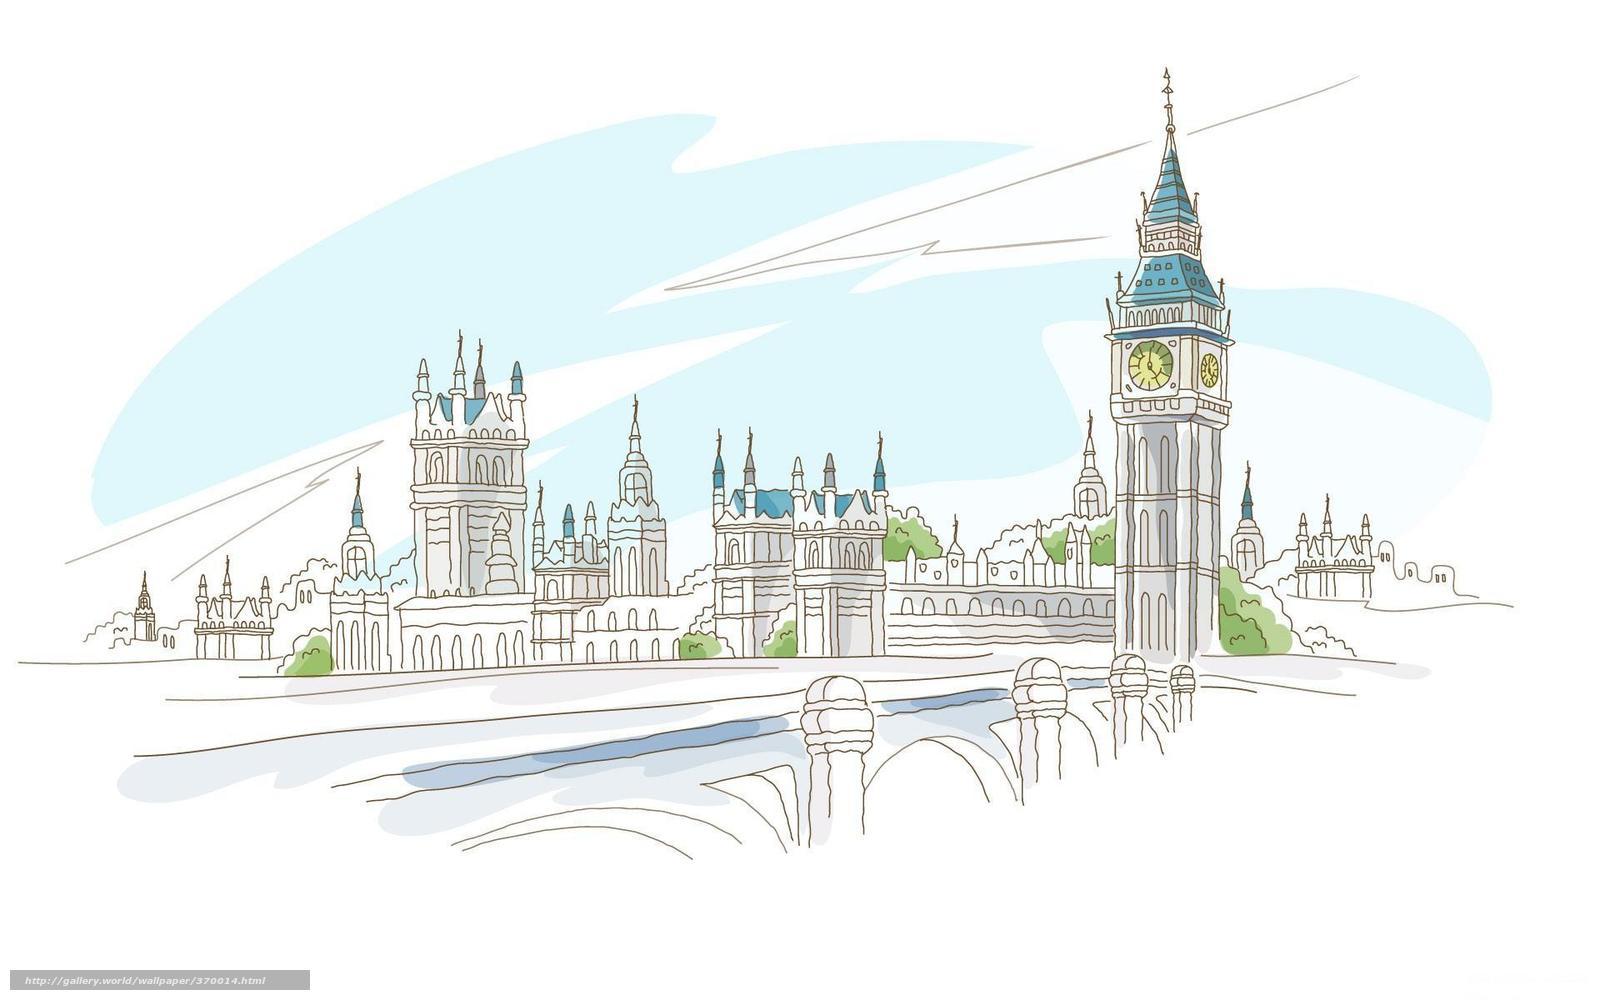 Tlcharger Fond D Ecran Angleterre Londres Ville Dessin